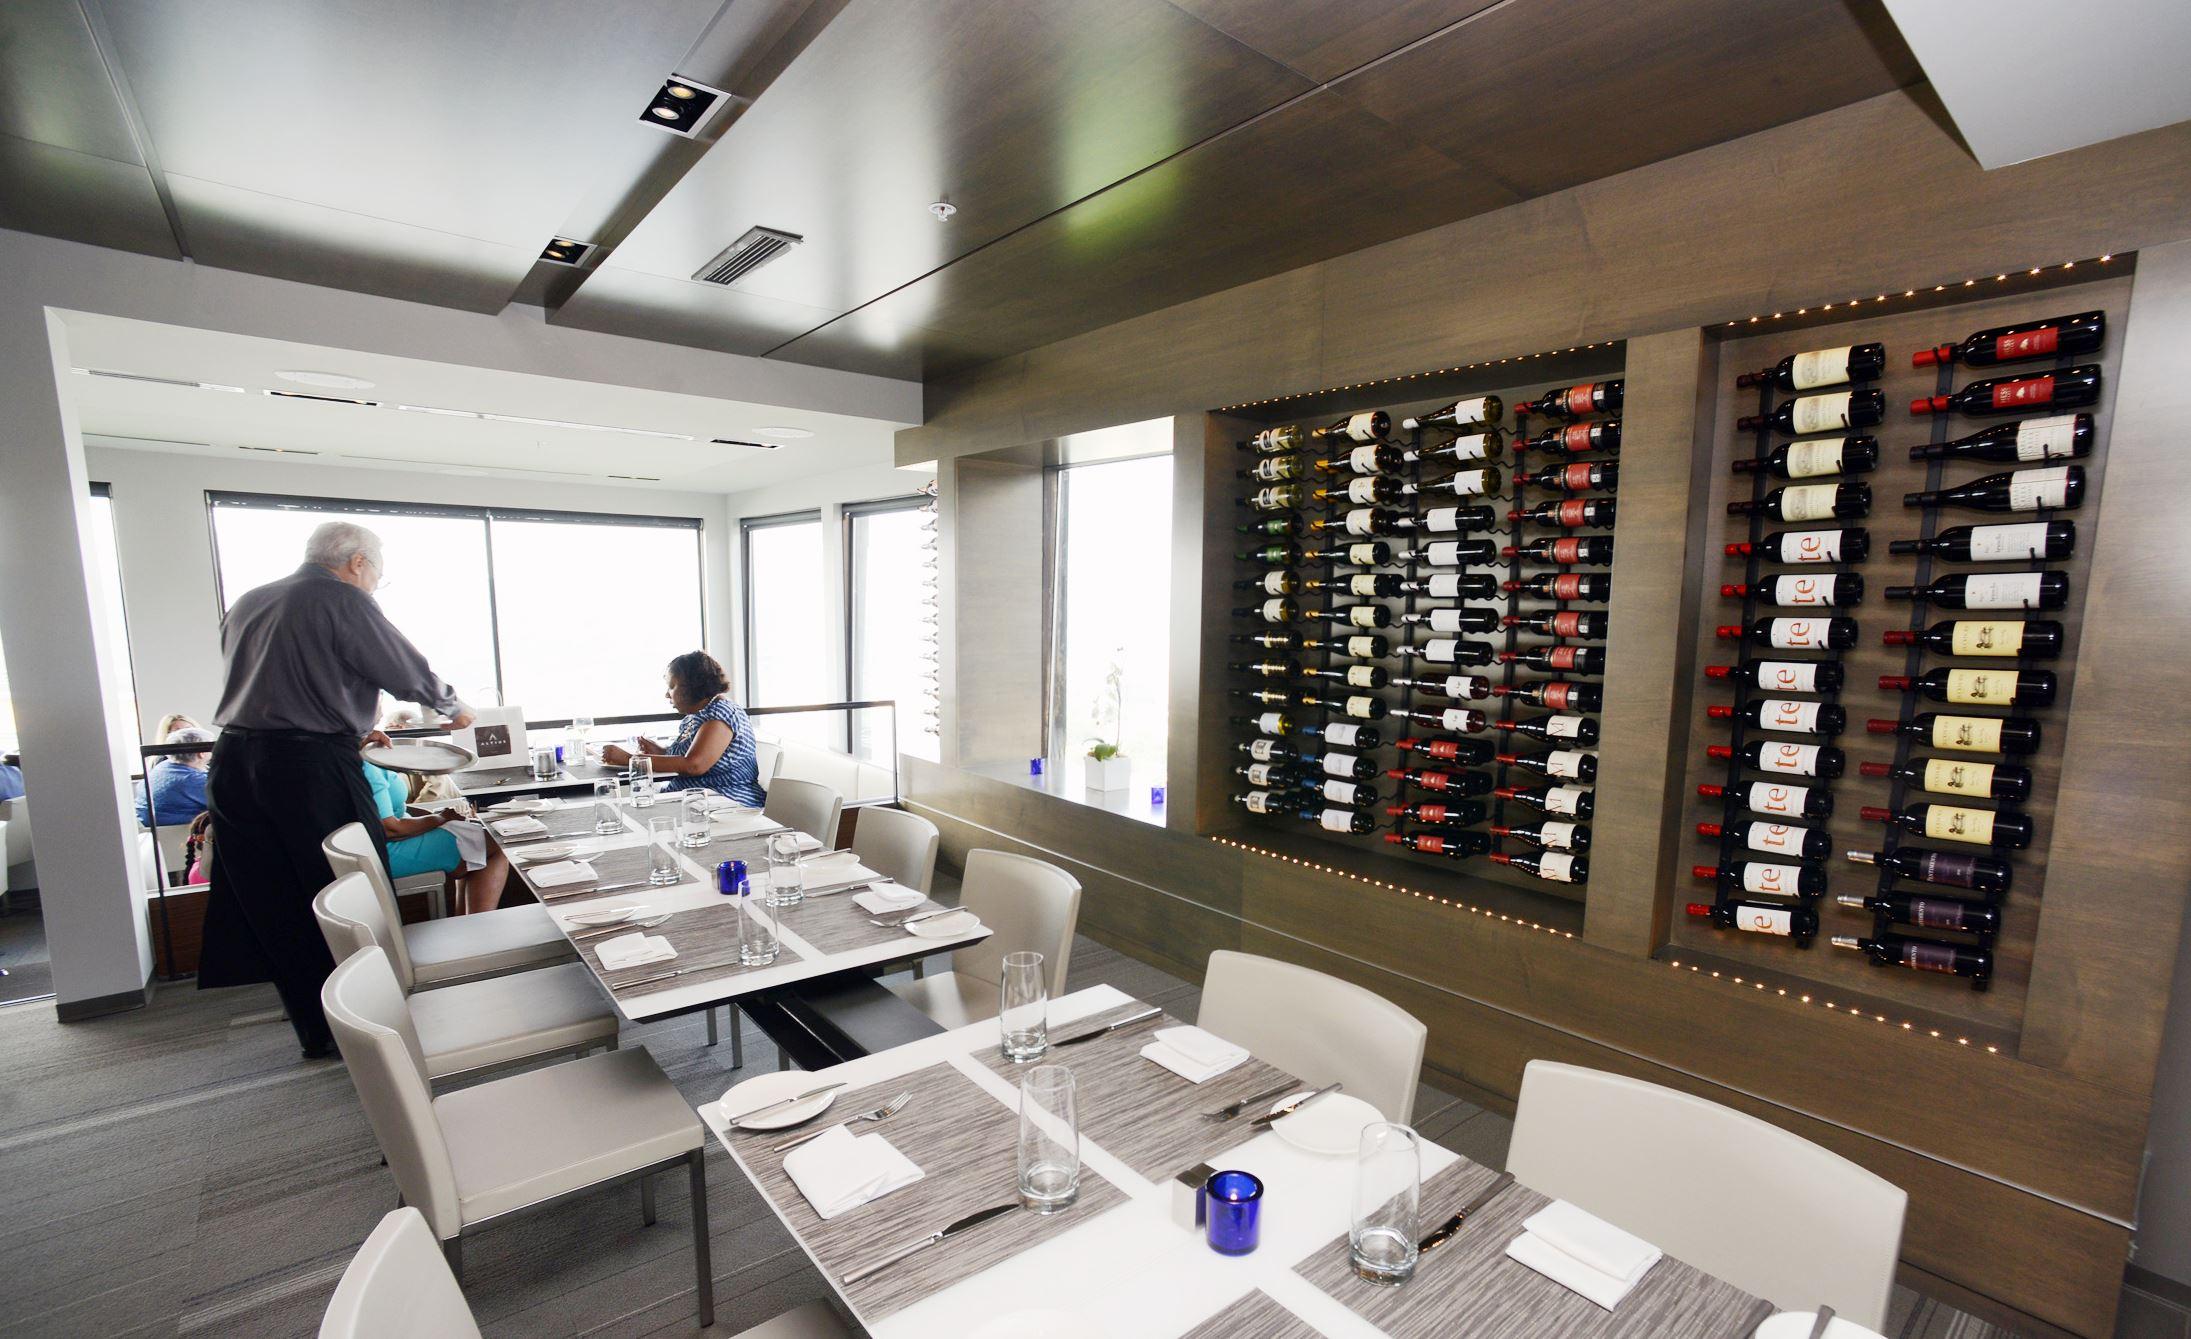 Altius restaurant and bar wine rack Altius restaurant and bar in Mt. Washington -- wine rack.